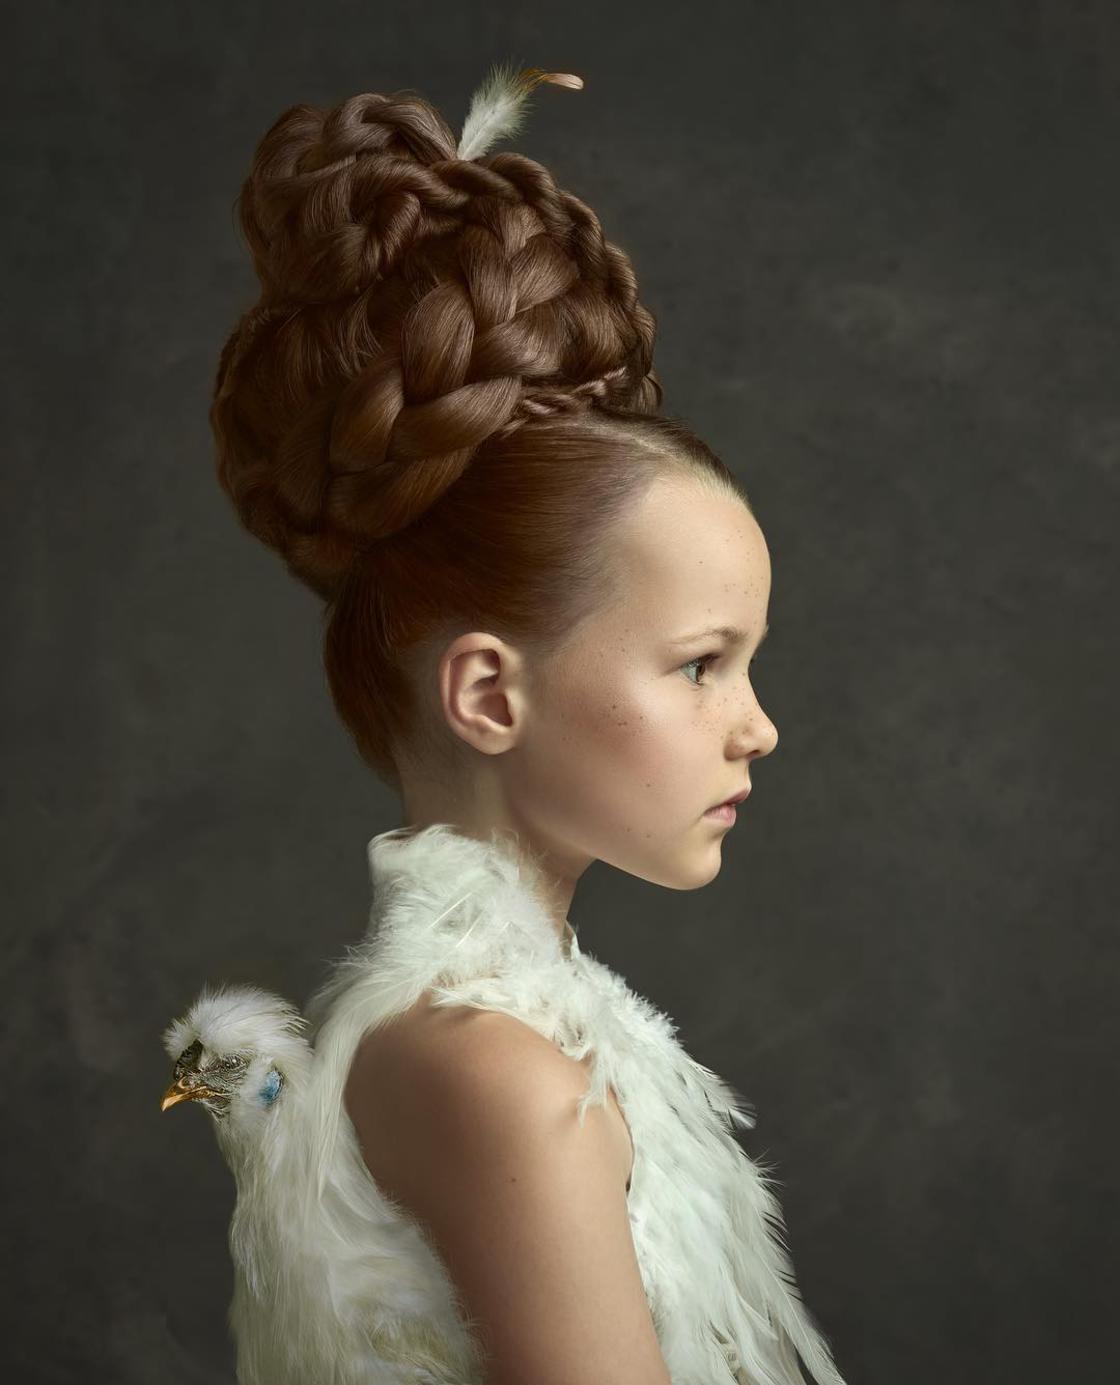 gemmy-woud-binnendijk-kid-portraits-20.jpg